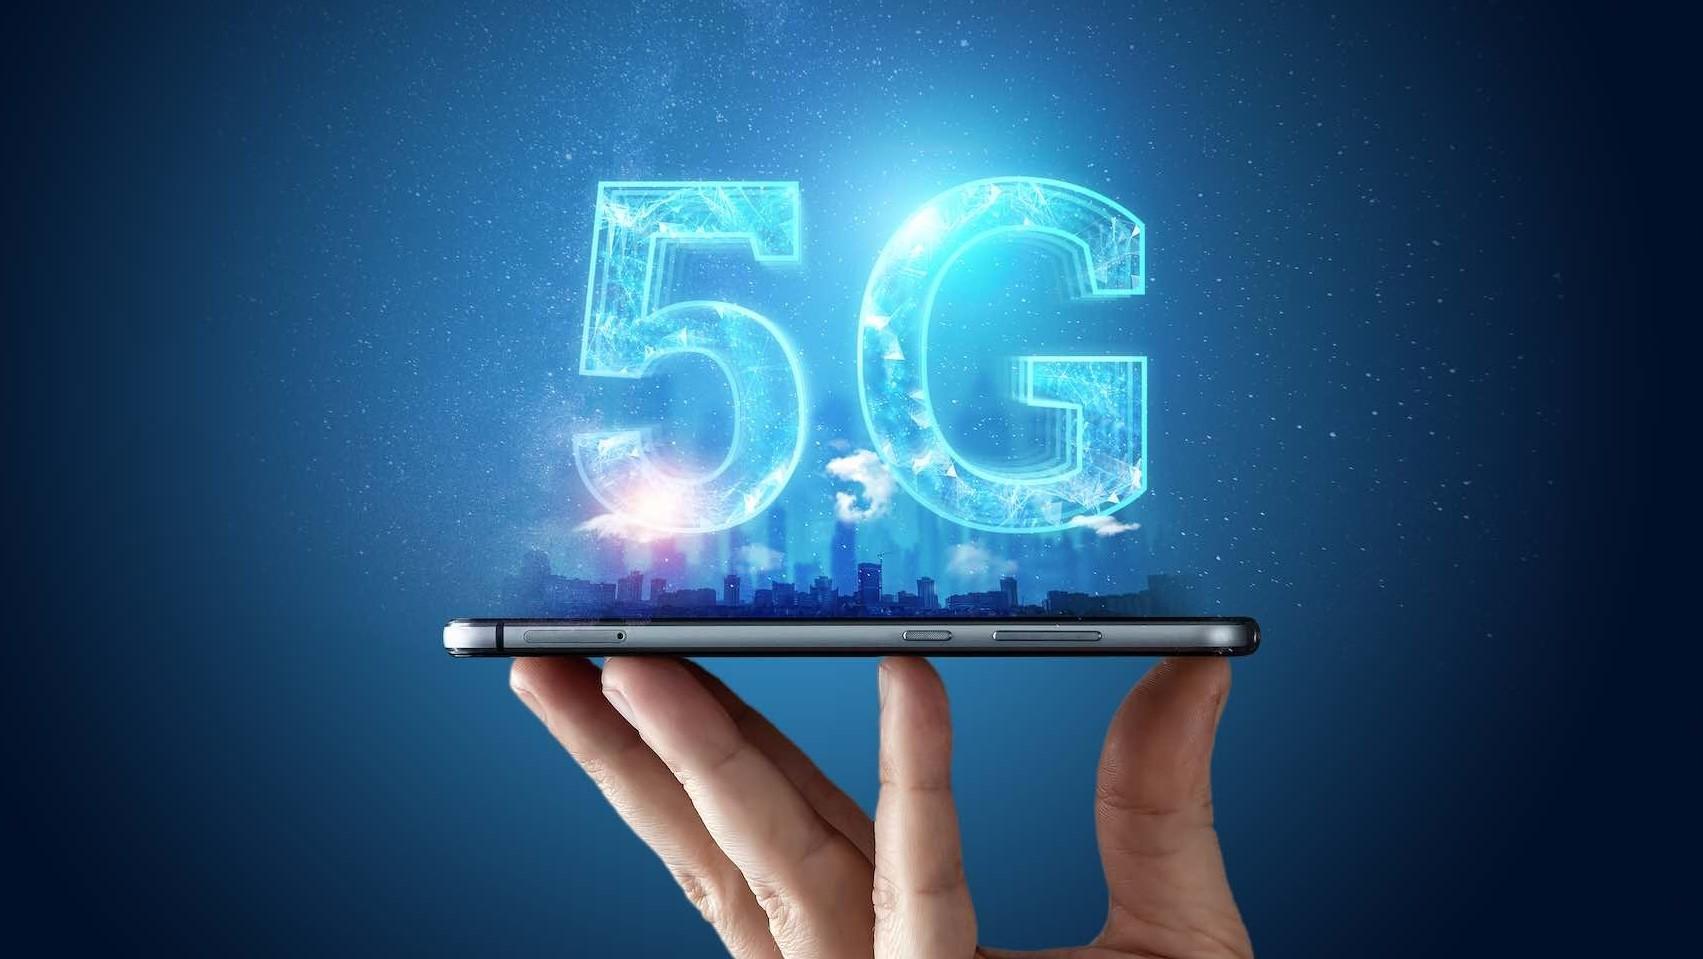 5G-smartphone